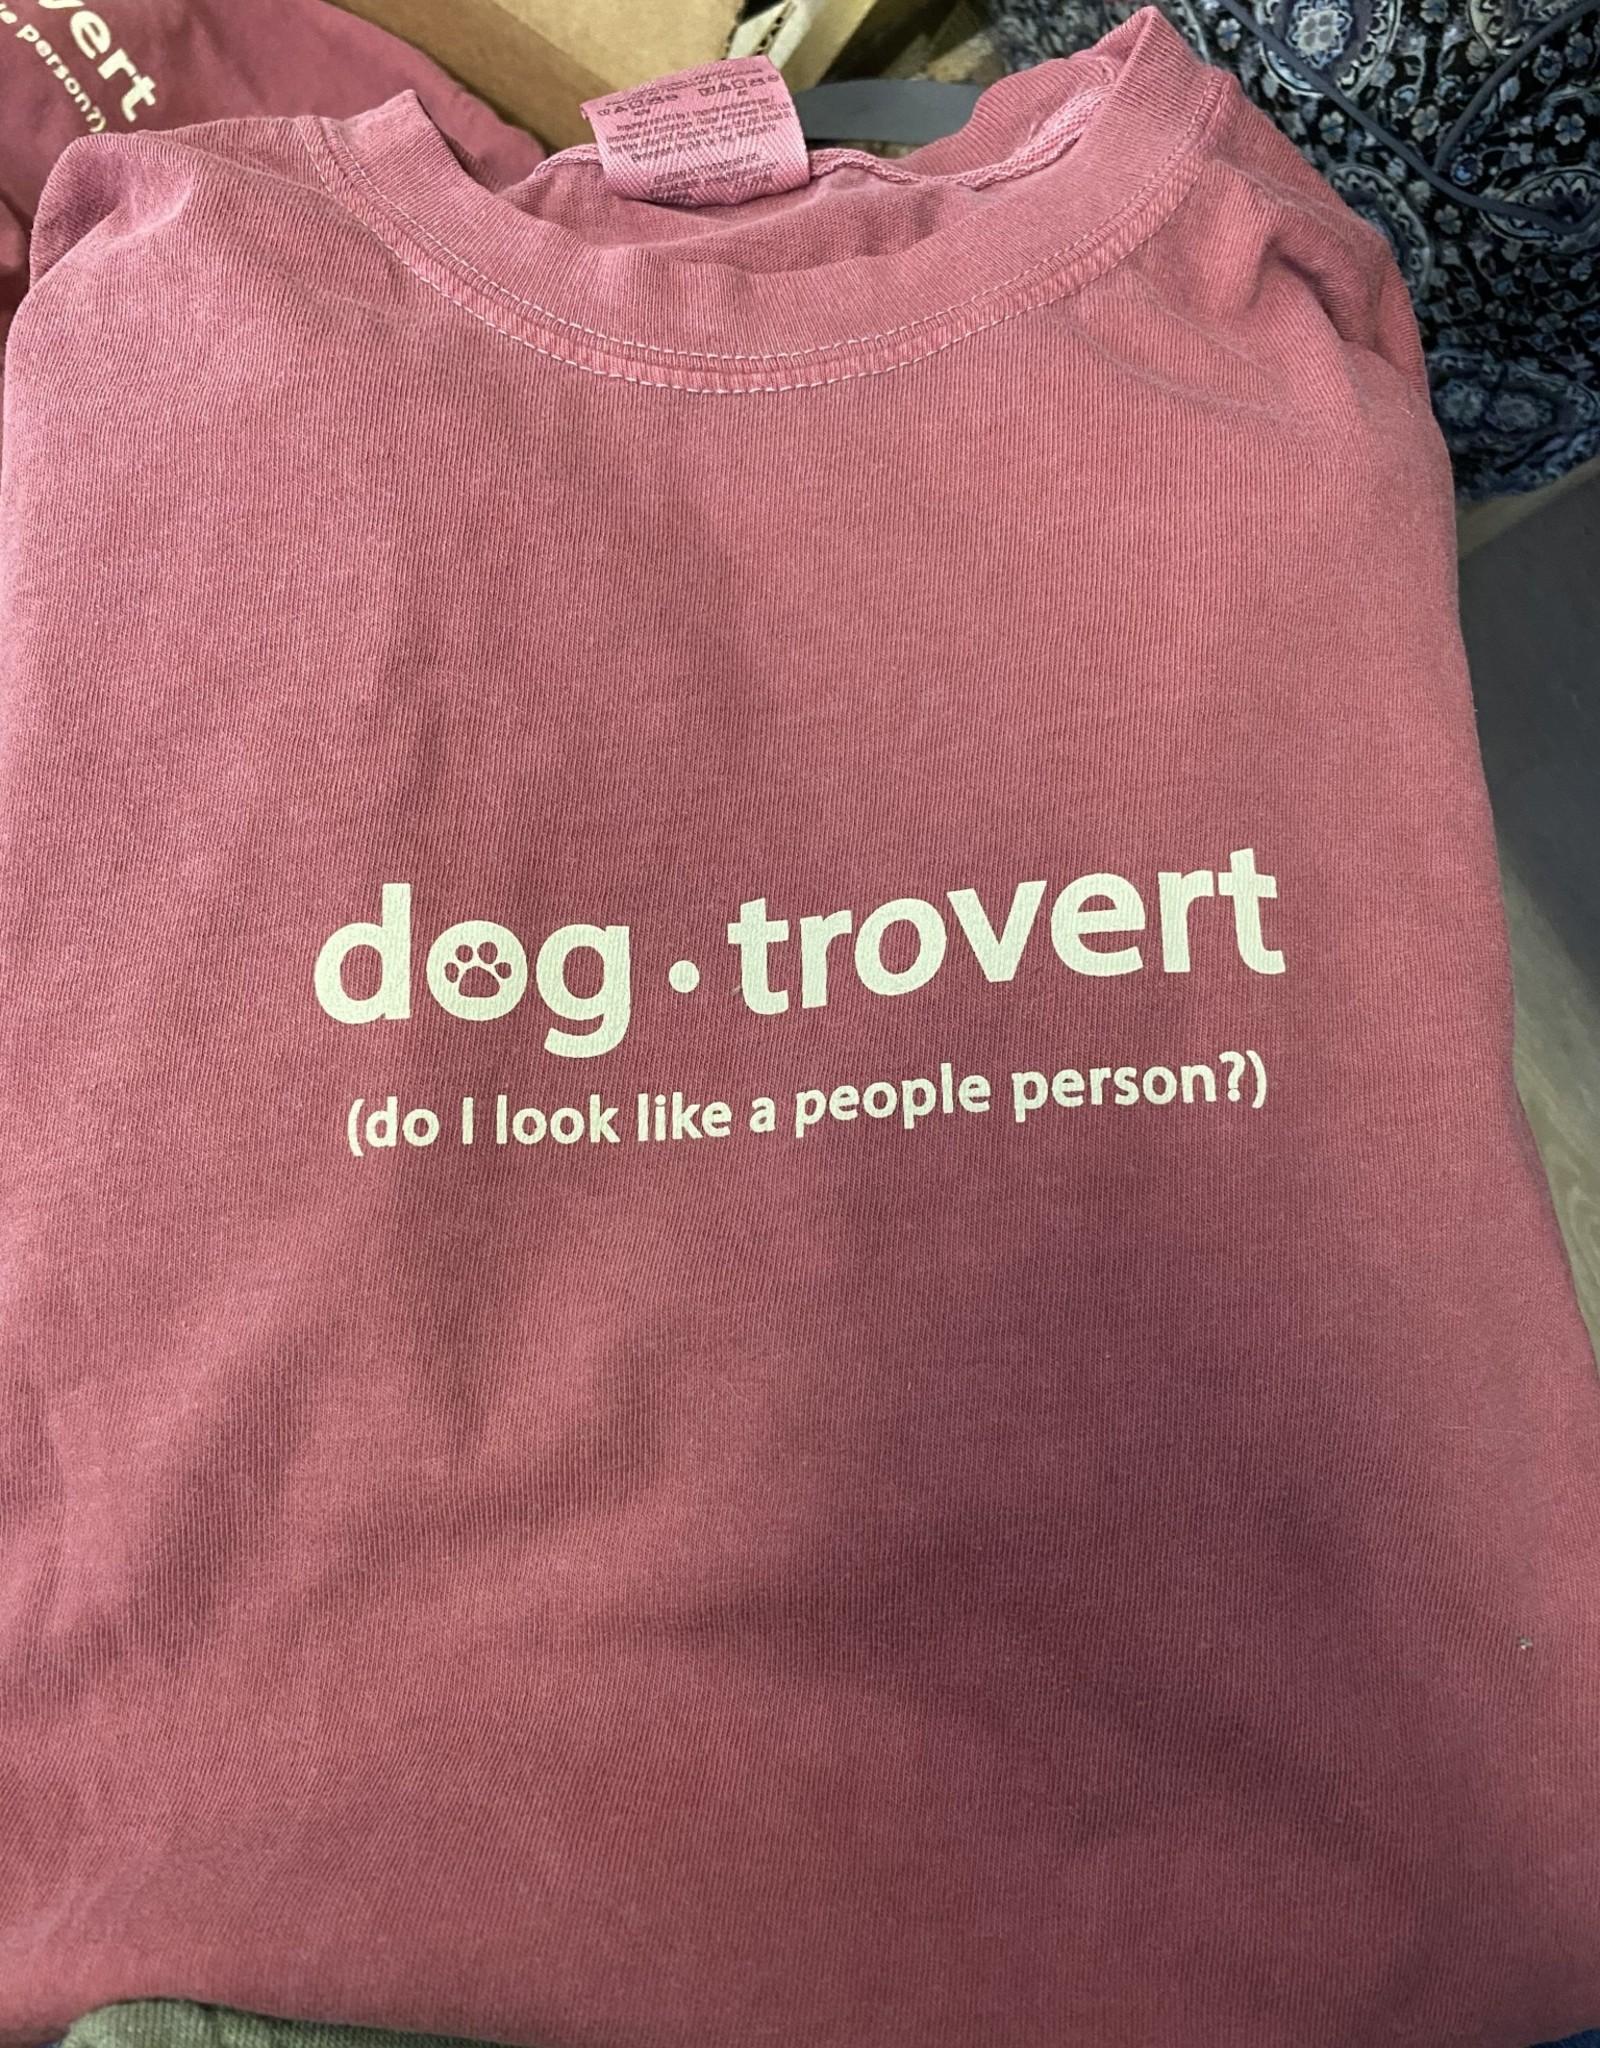 Dogtrovert t-shirt